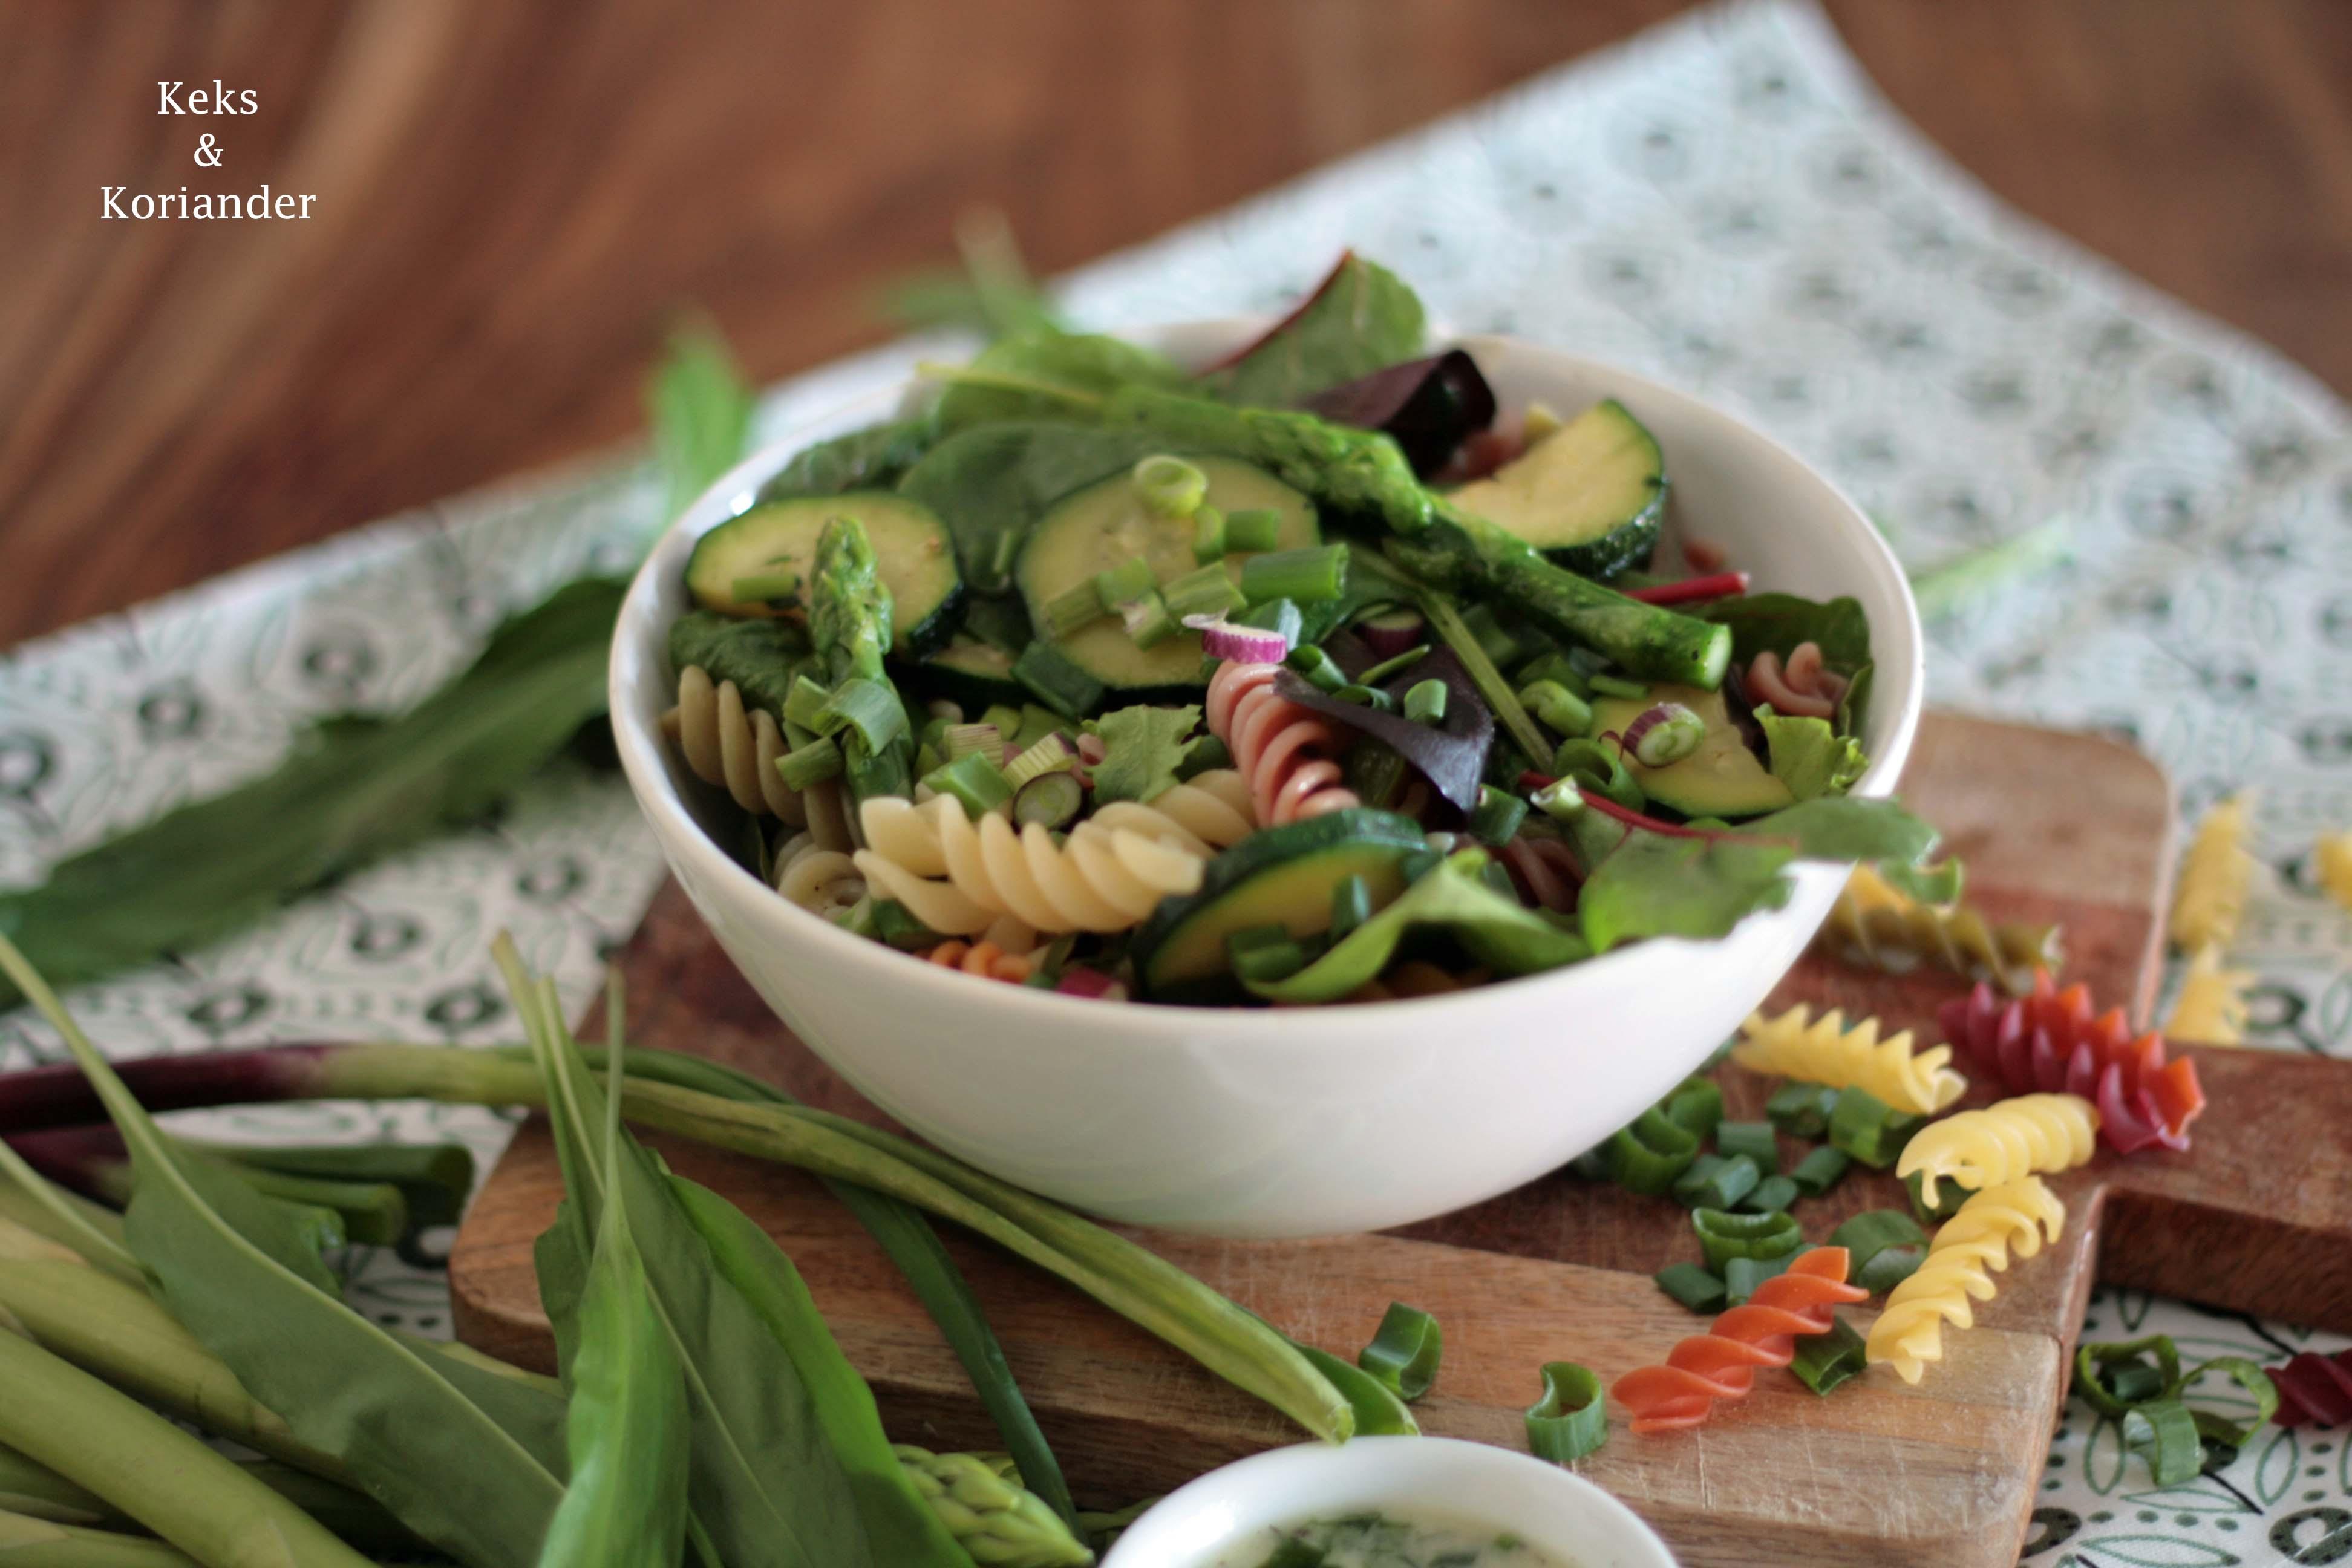 Nudelsalat mit grünem Spargel, Zucchini, Frühlingszwiebeln und Bärlauchdressing3